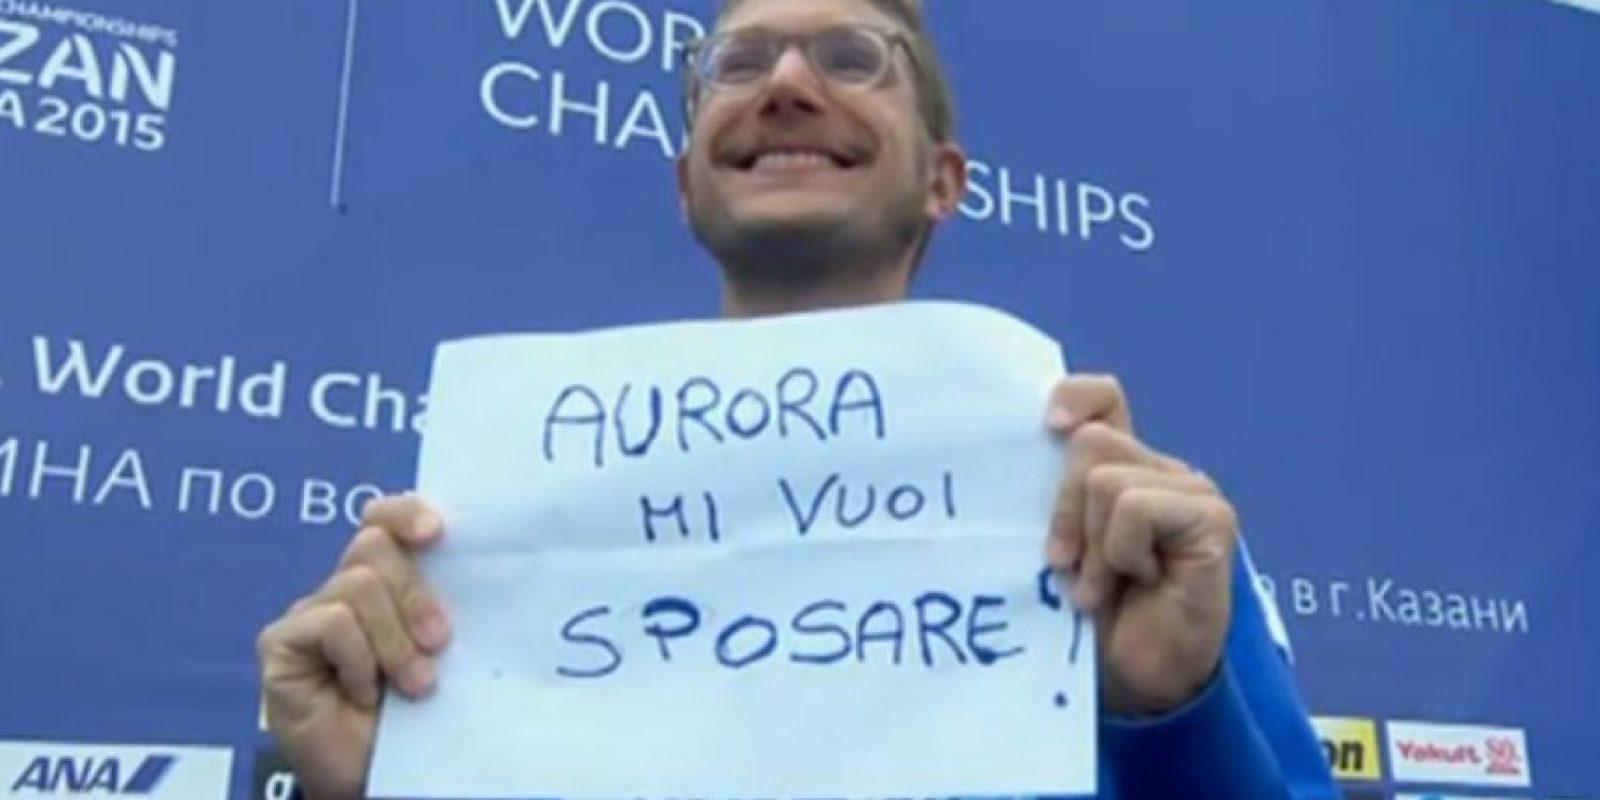 Este fue el cartel que mostró en el podio Foto:Vía Twitter